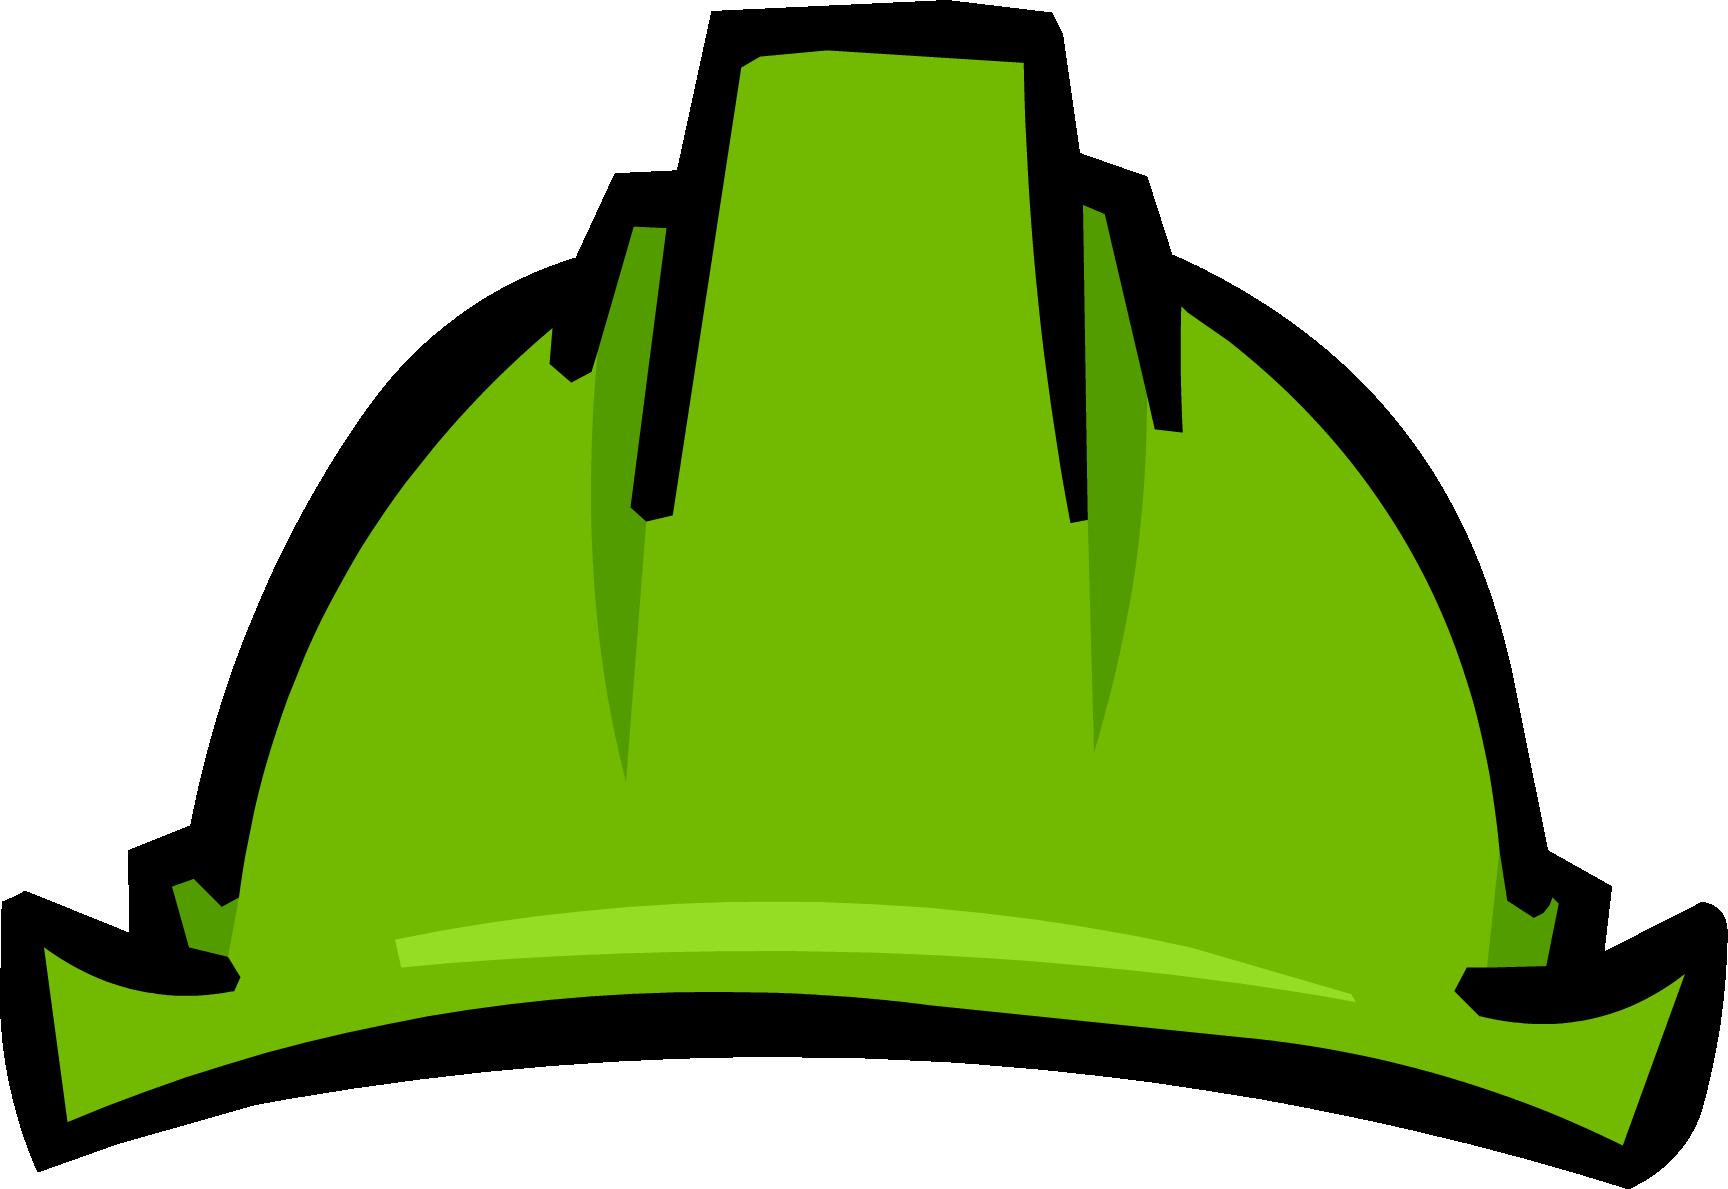 Green Hard Hat | Club Penguin Online Wiki | FANDOM powered by Wikia